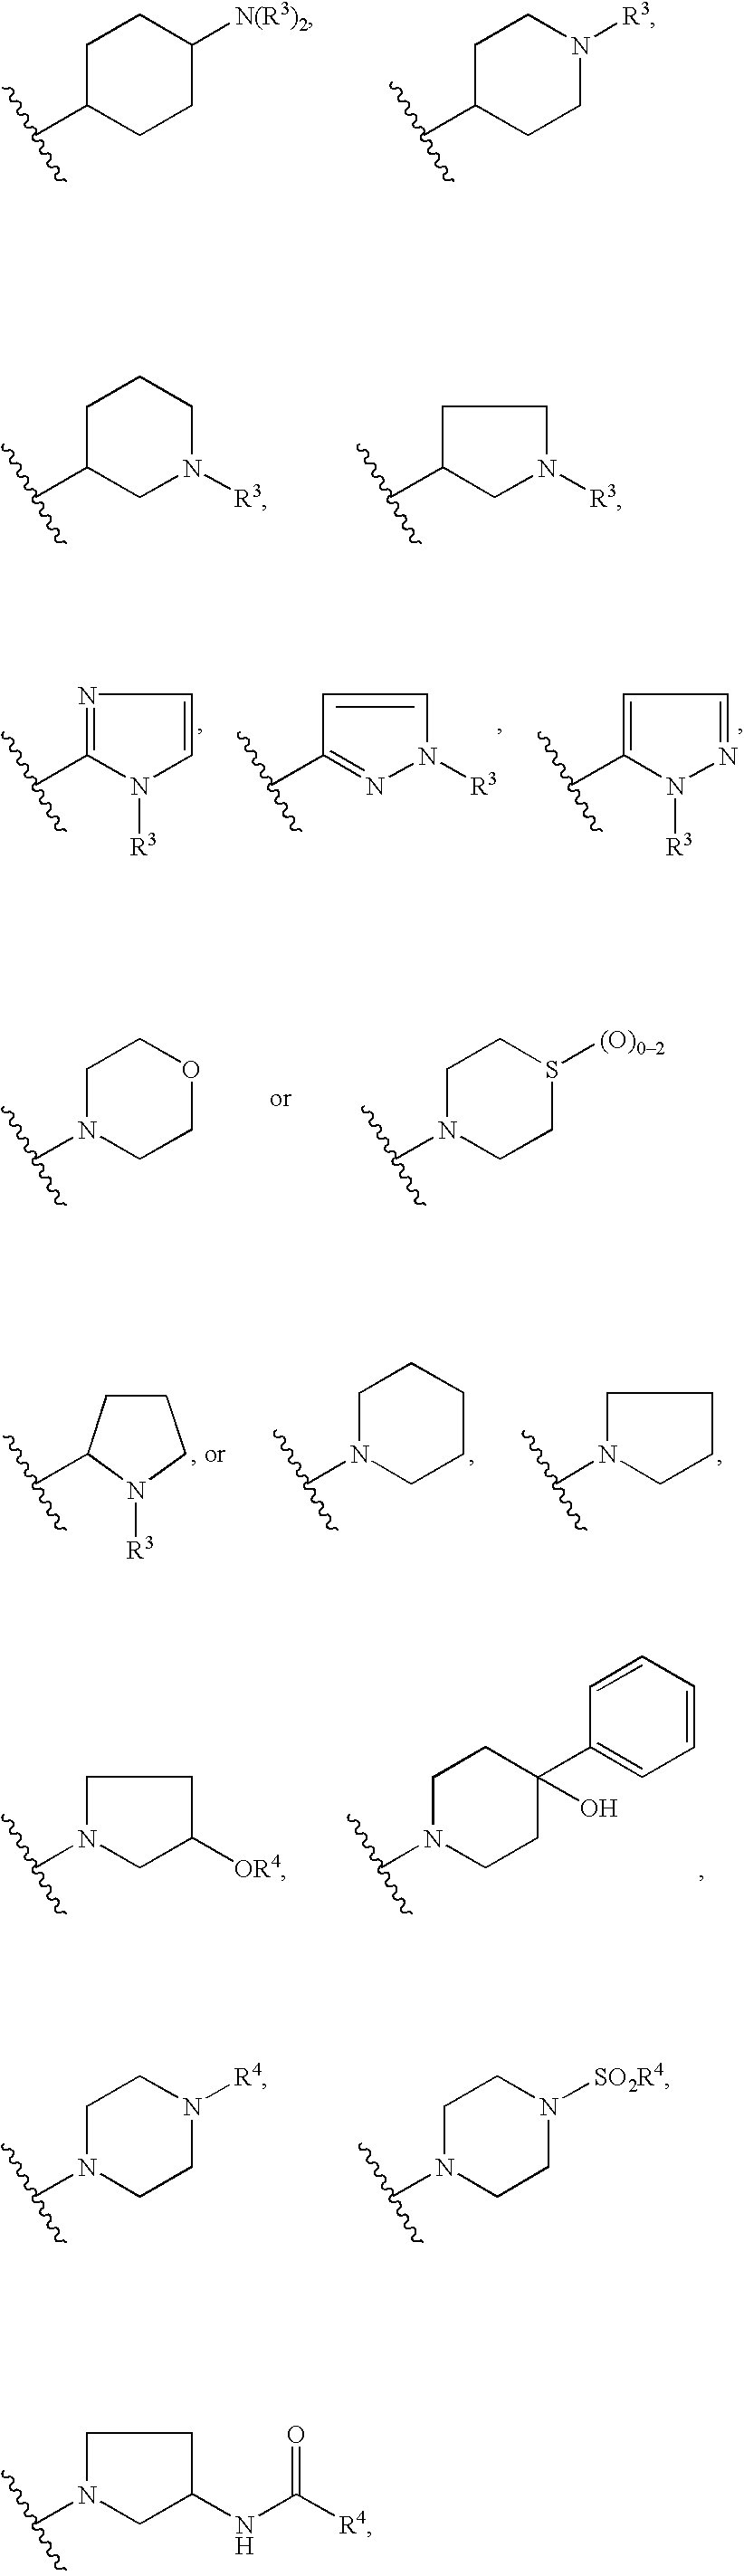 Figure US20030022891A1-20030130-C00005